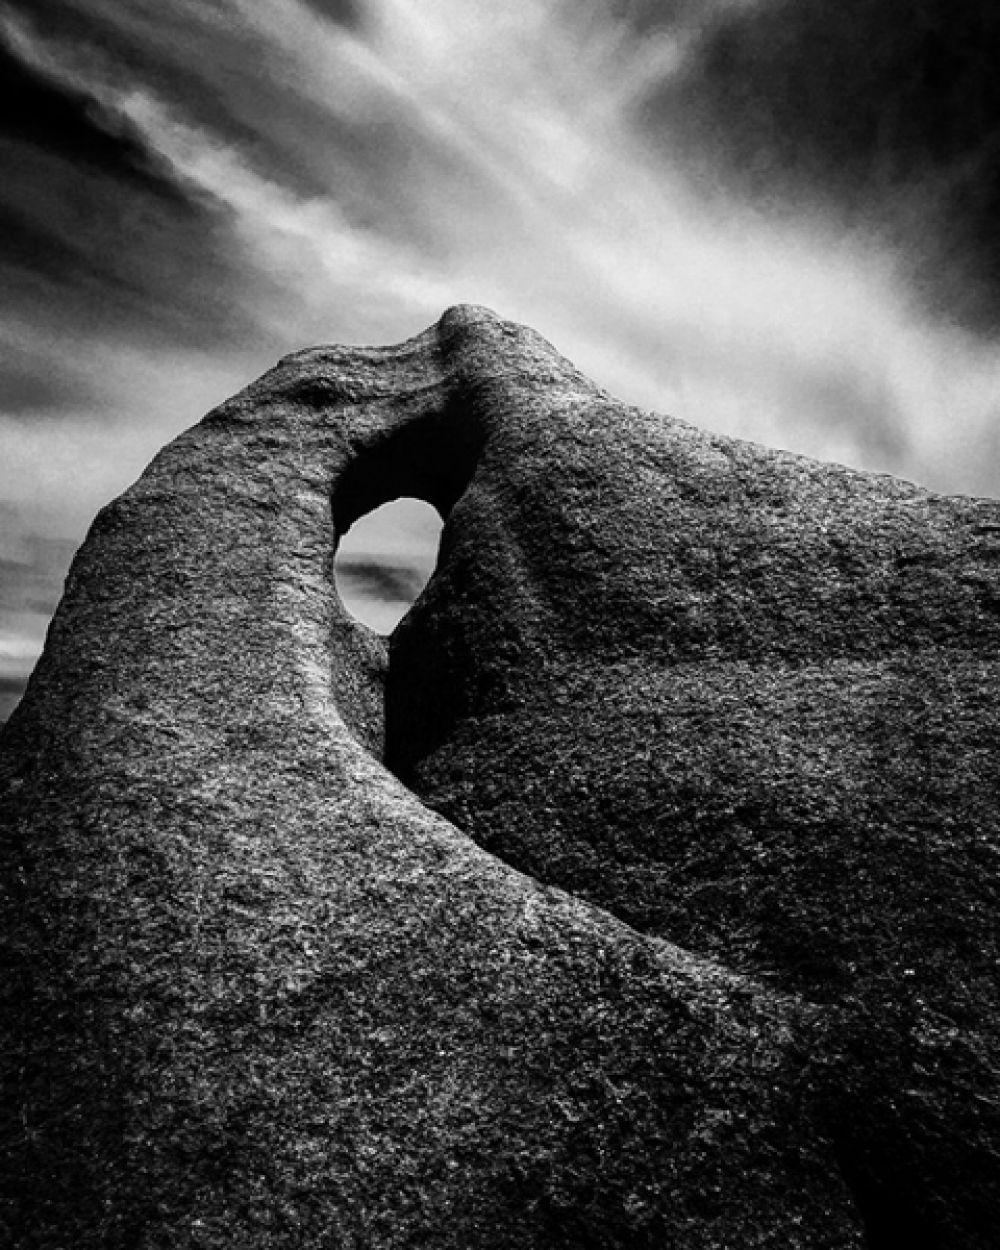 1 место в категории «Пейзаж» — «Поющая скала» на побережье в скалах Вайдауд, Австралия.